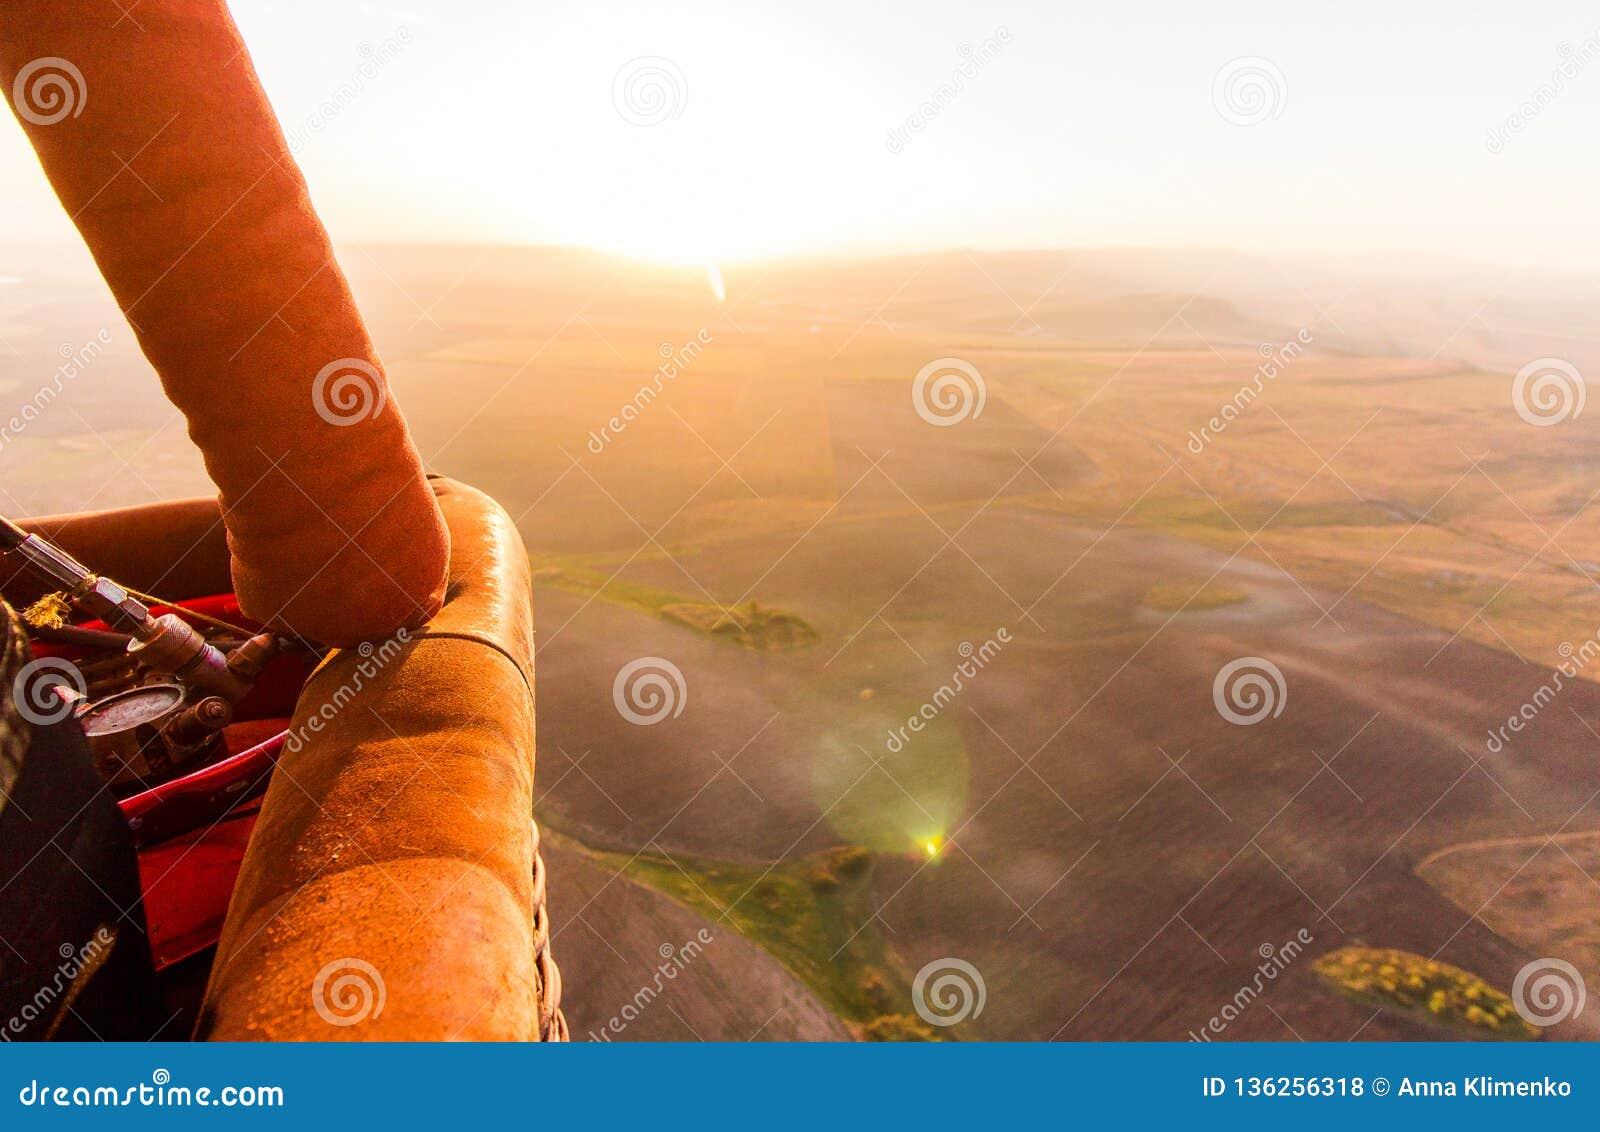 Heißluftballon busket während des Sonnenaufgangfliegens über dem Tal